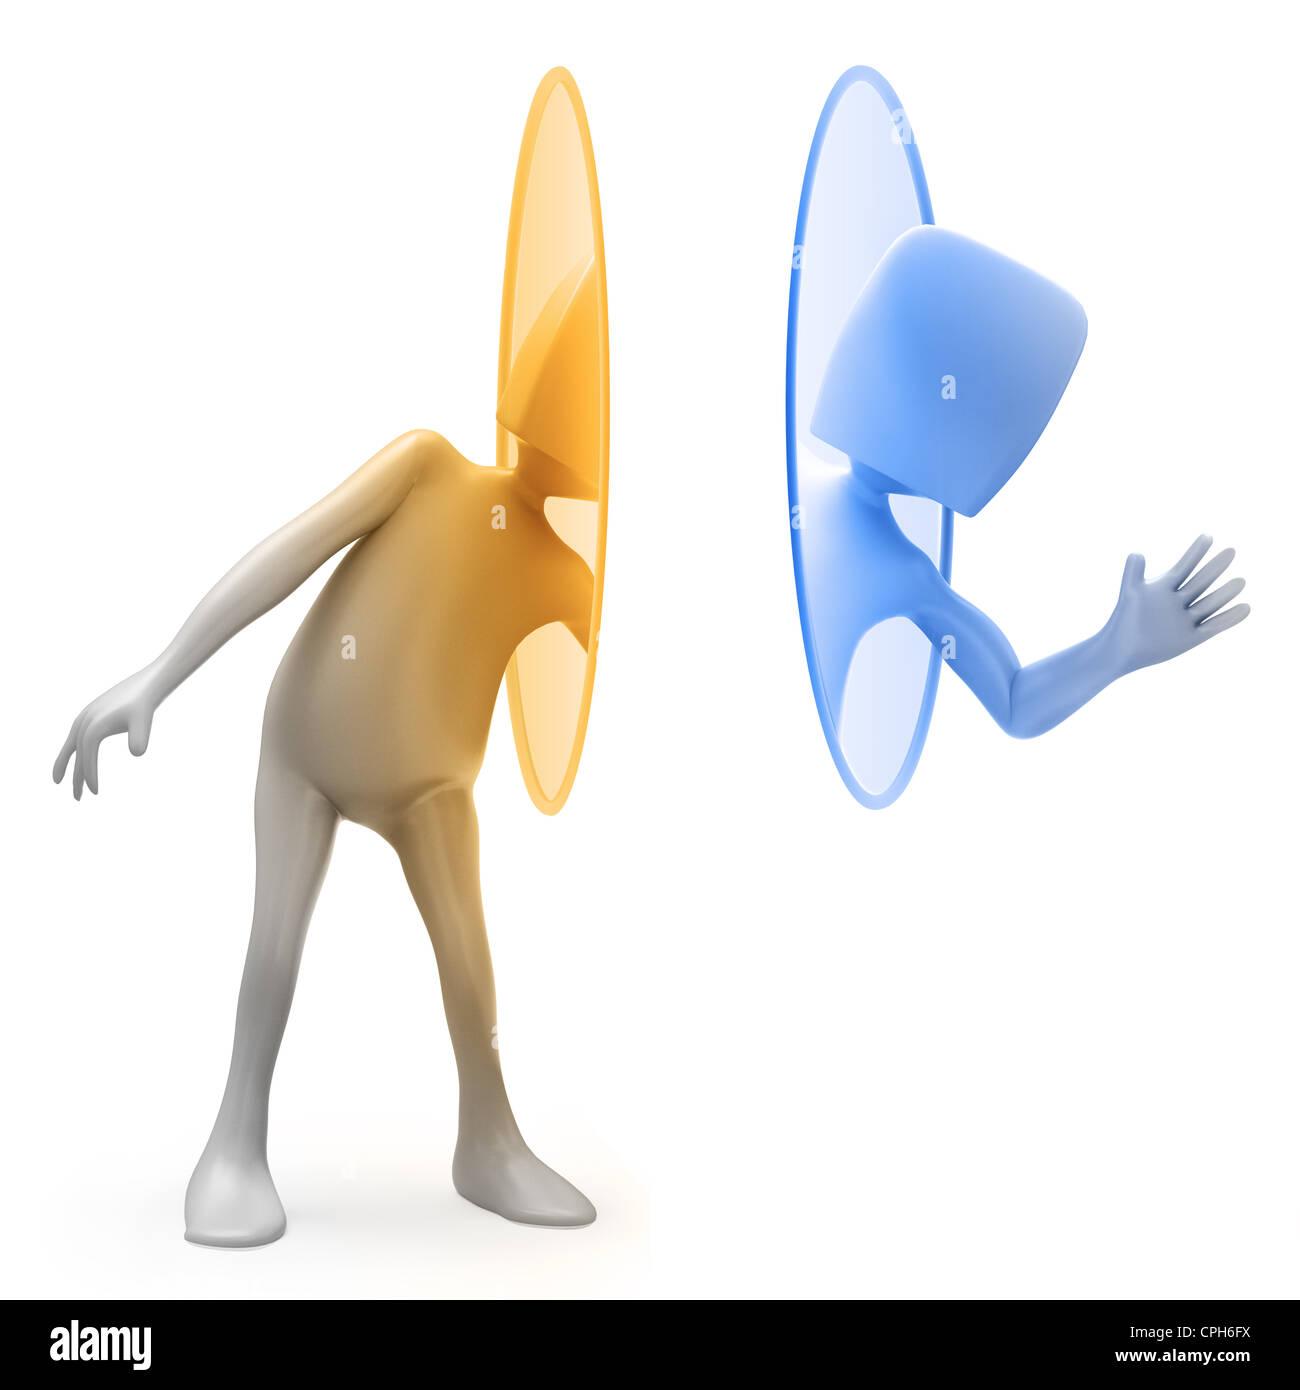 Dessins animés en 3D character Techy en utilisant un portail de téléportation Photo Stock